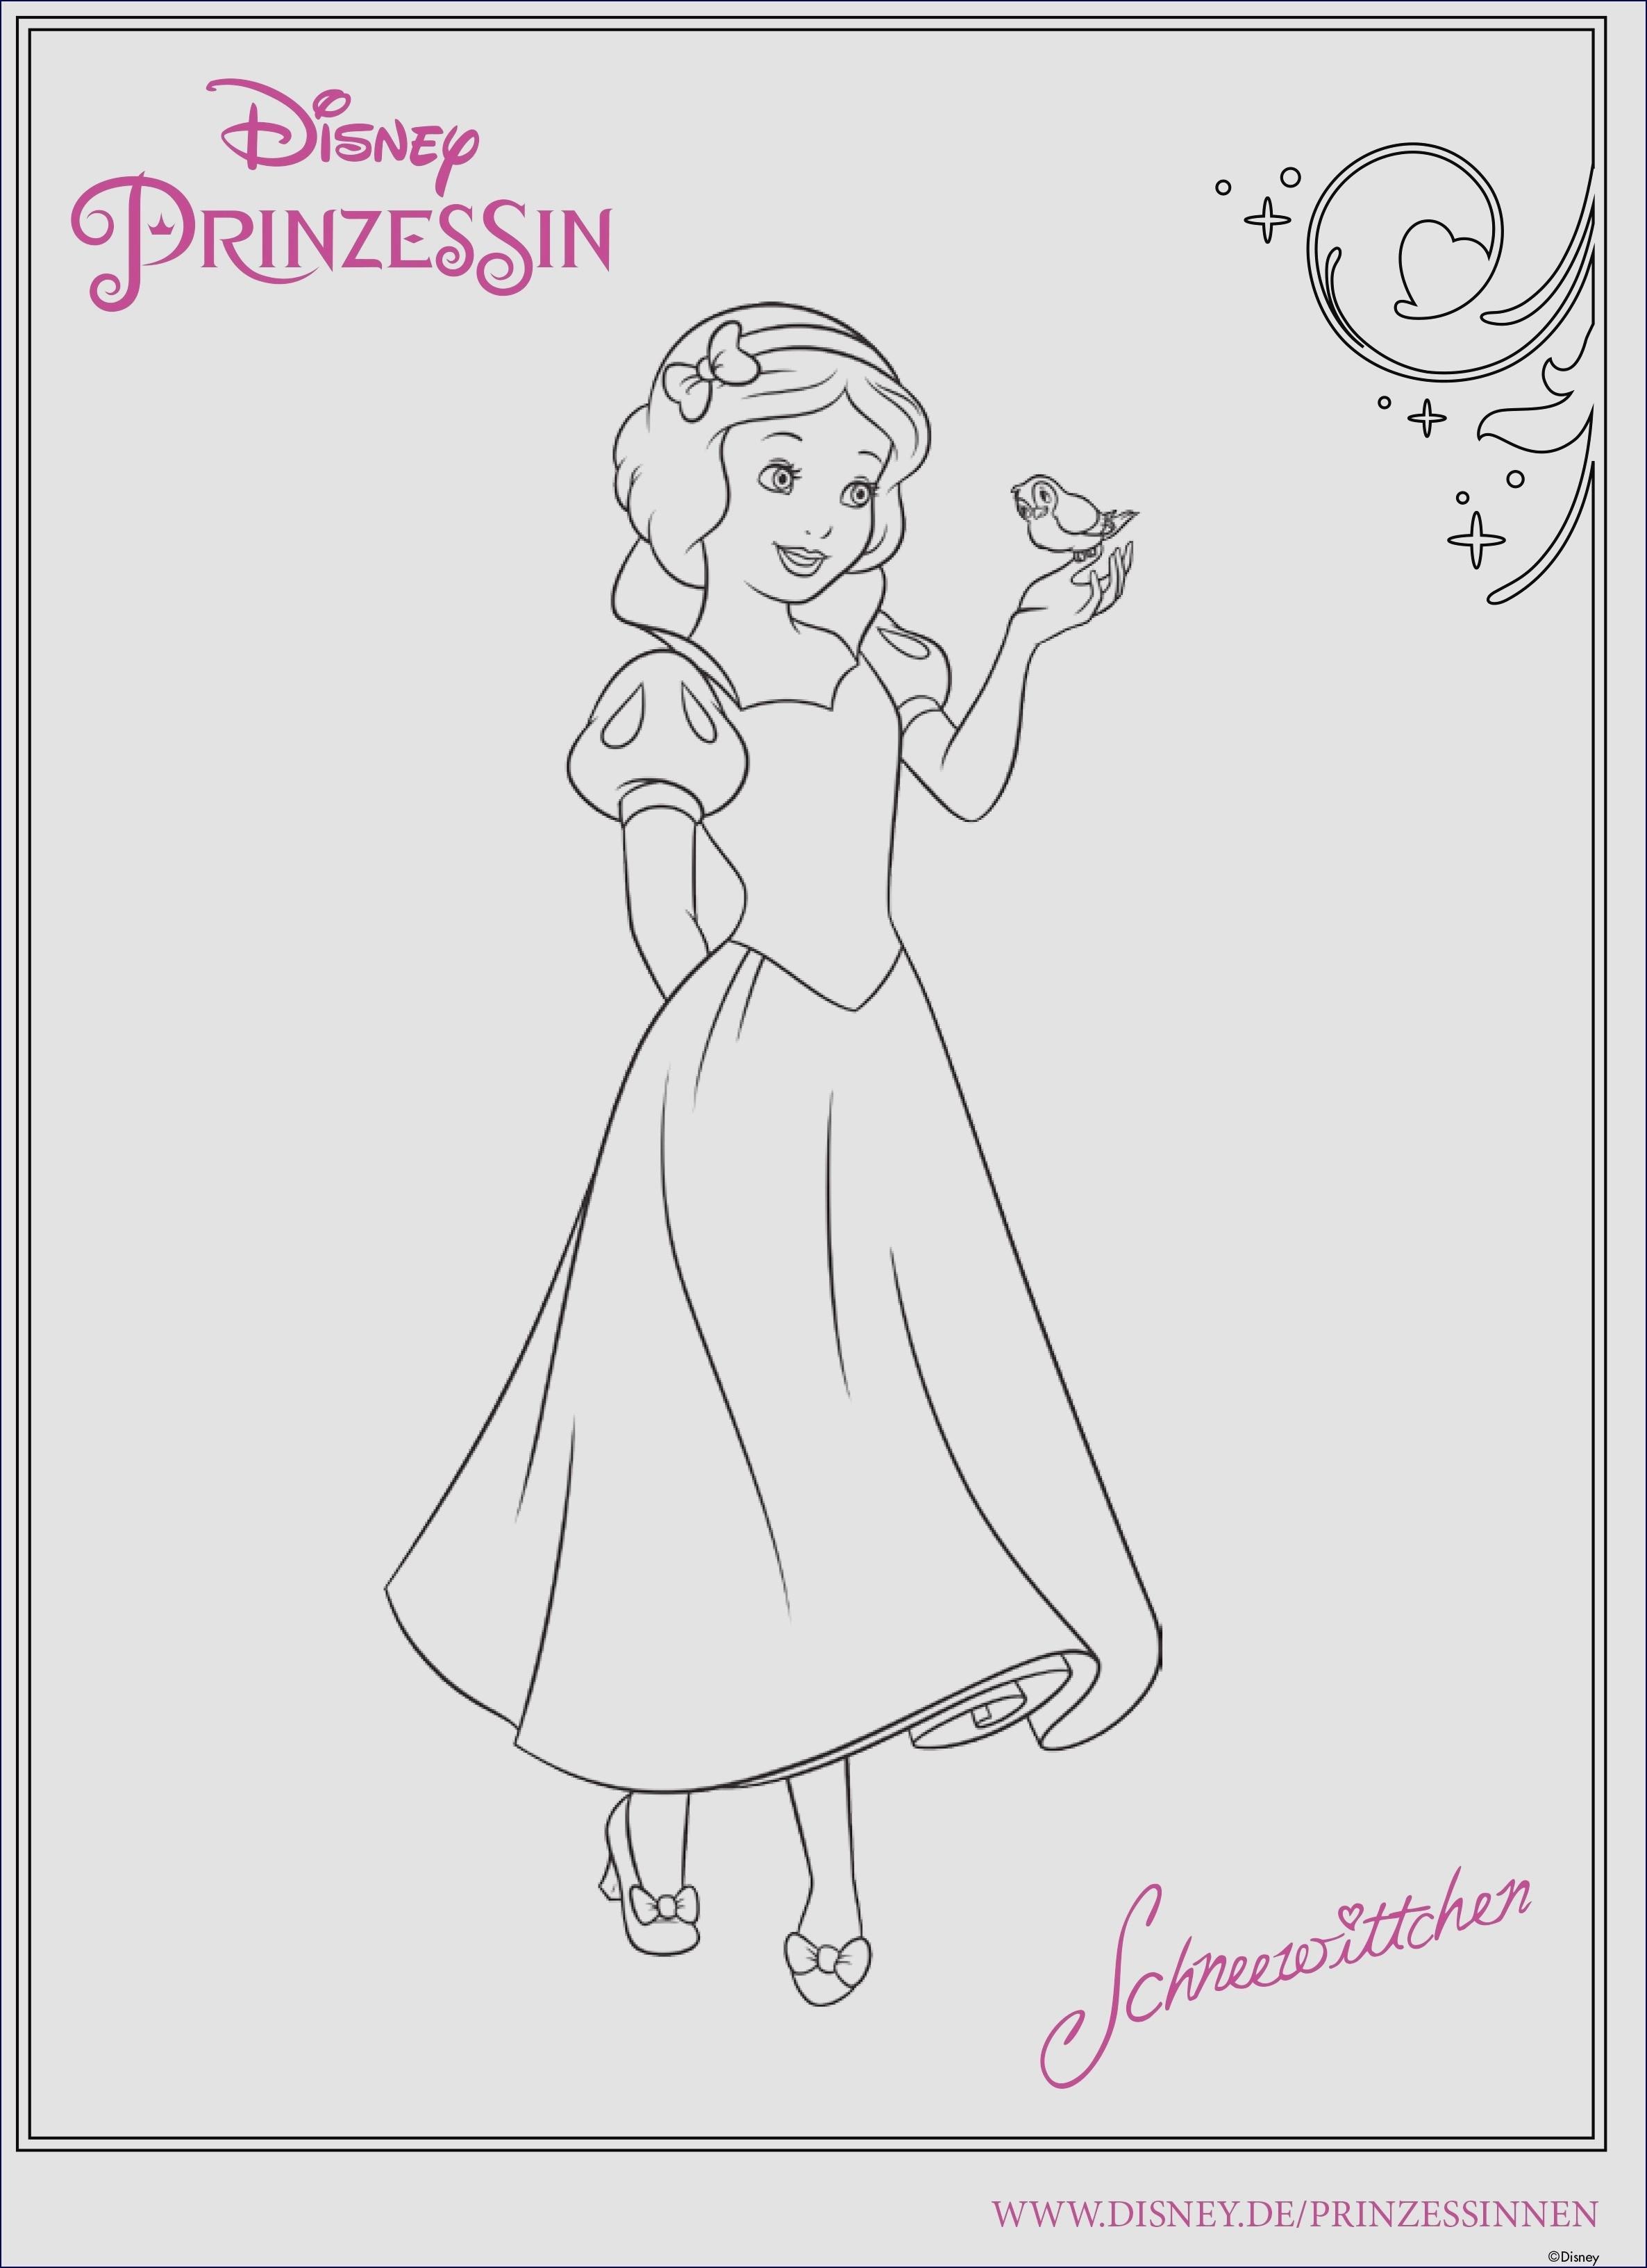 Ausmalbilder Disney Prinzessin Das Beste Von Malvorlagen Disney Kostenlos Verschiedene Bilder Färben Bayern Stock